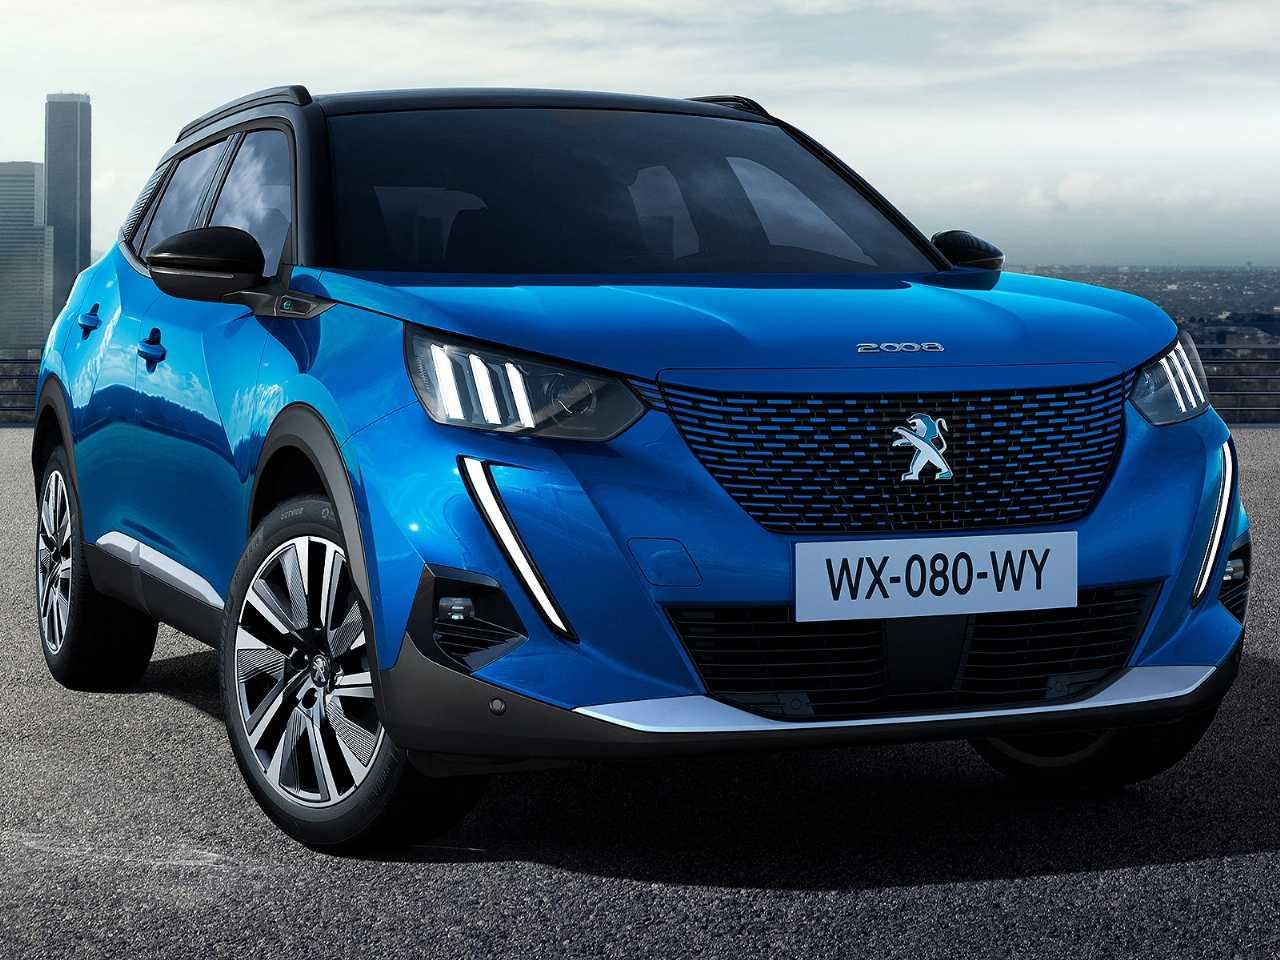 Acima a nova geração Peugeot 2008 em sua inédita configuração elétrica